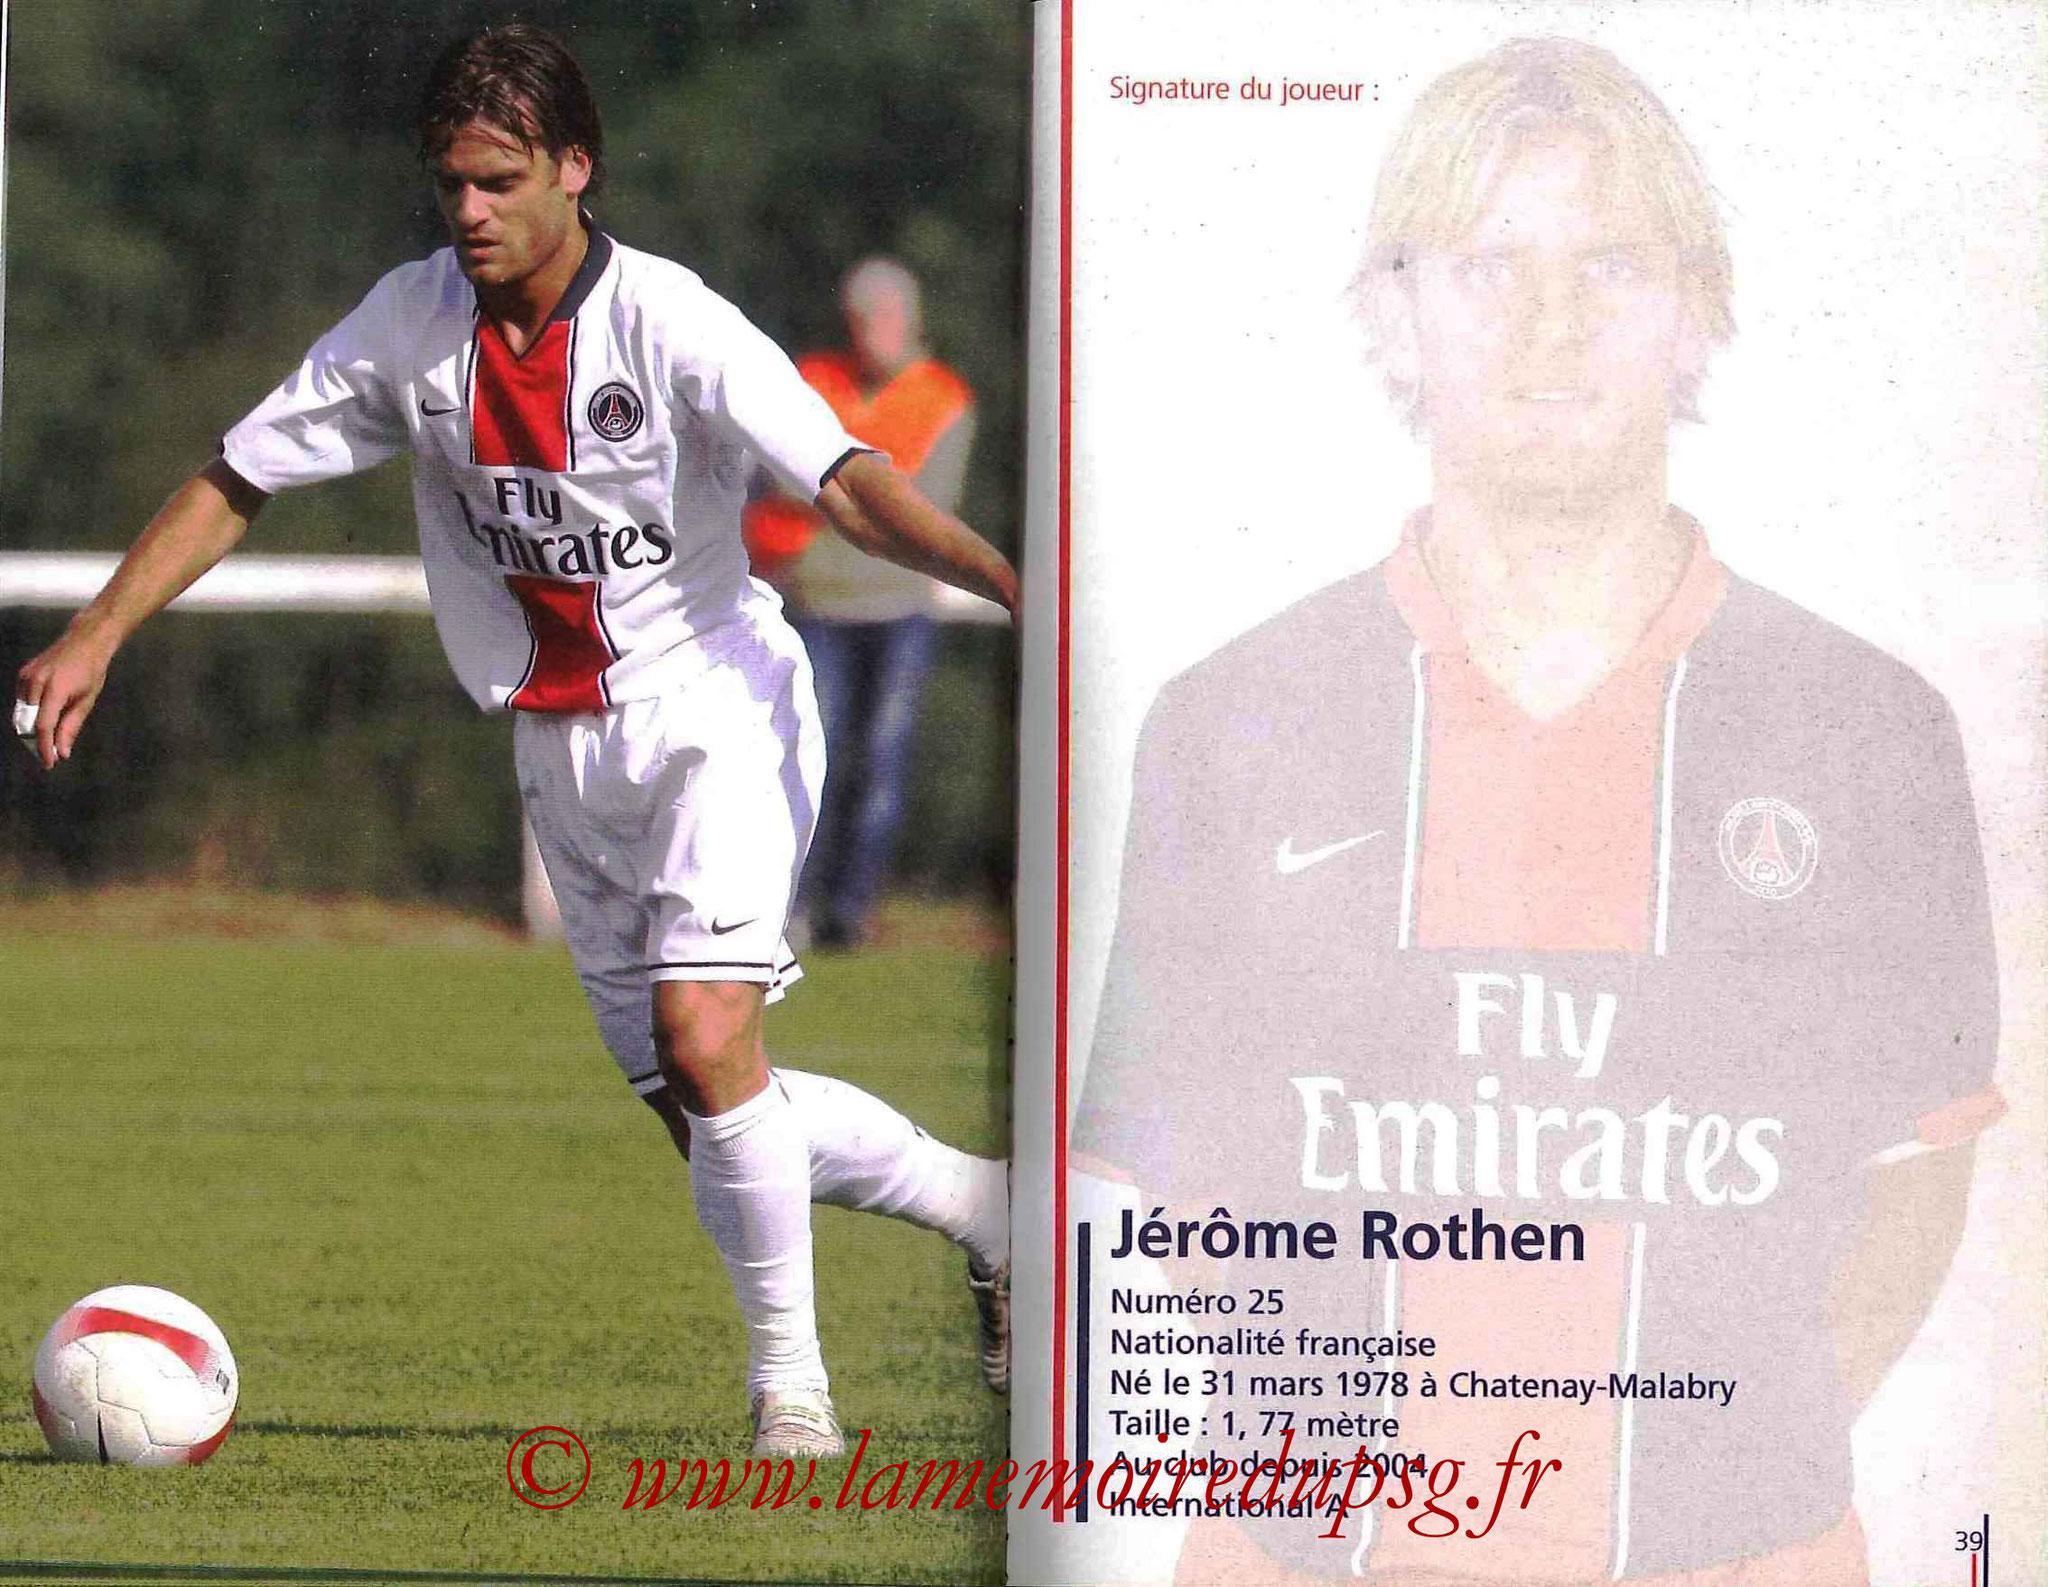 2007-08 - Guide de la Saison PSG - Pages 38 et 39 - Jérôme ROTHEN